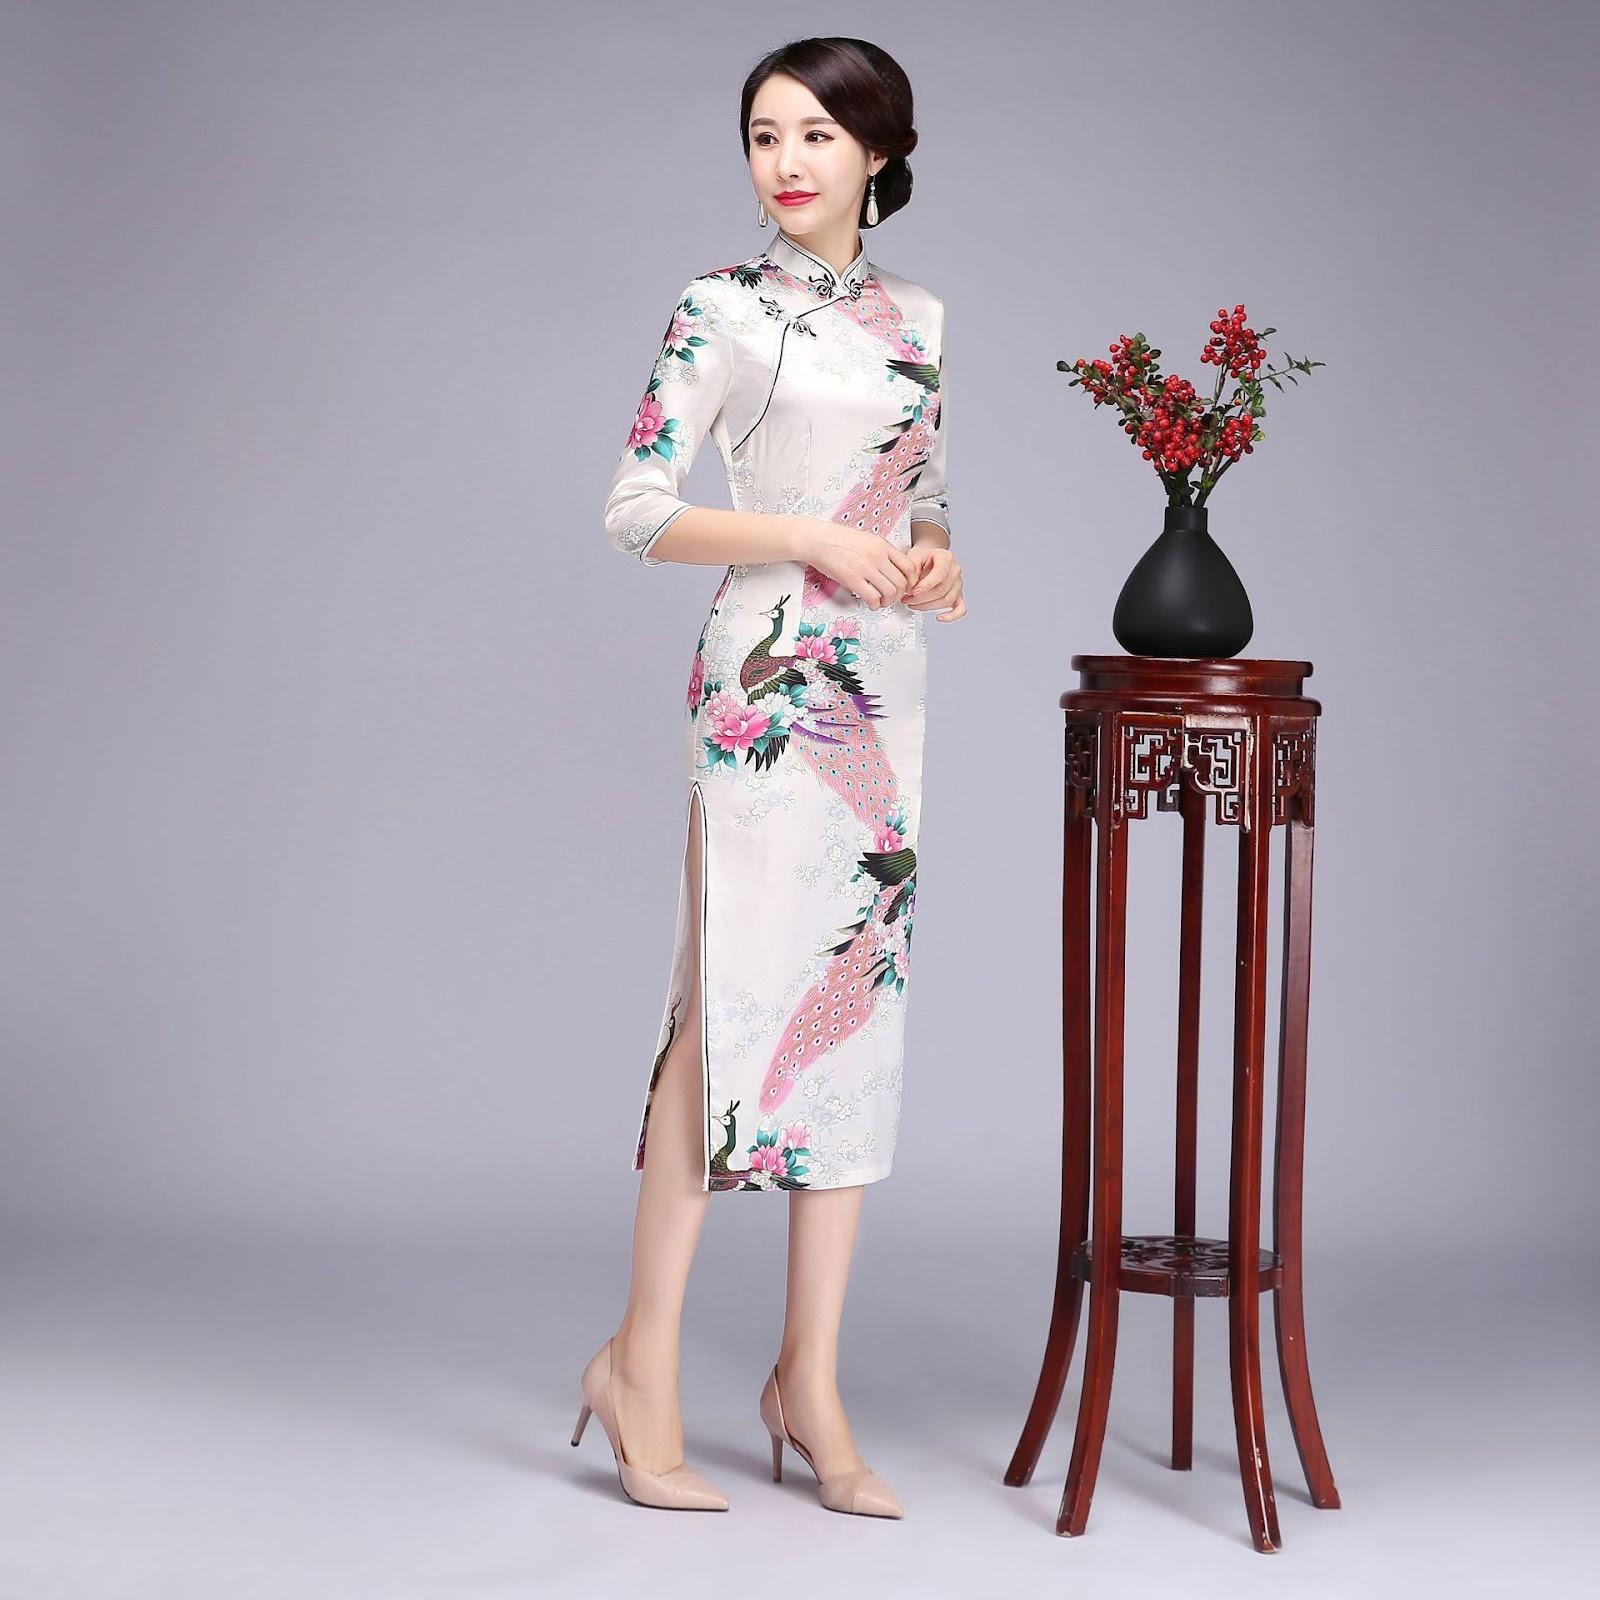 trang phục truyền thống 2